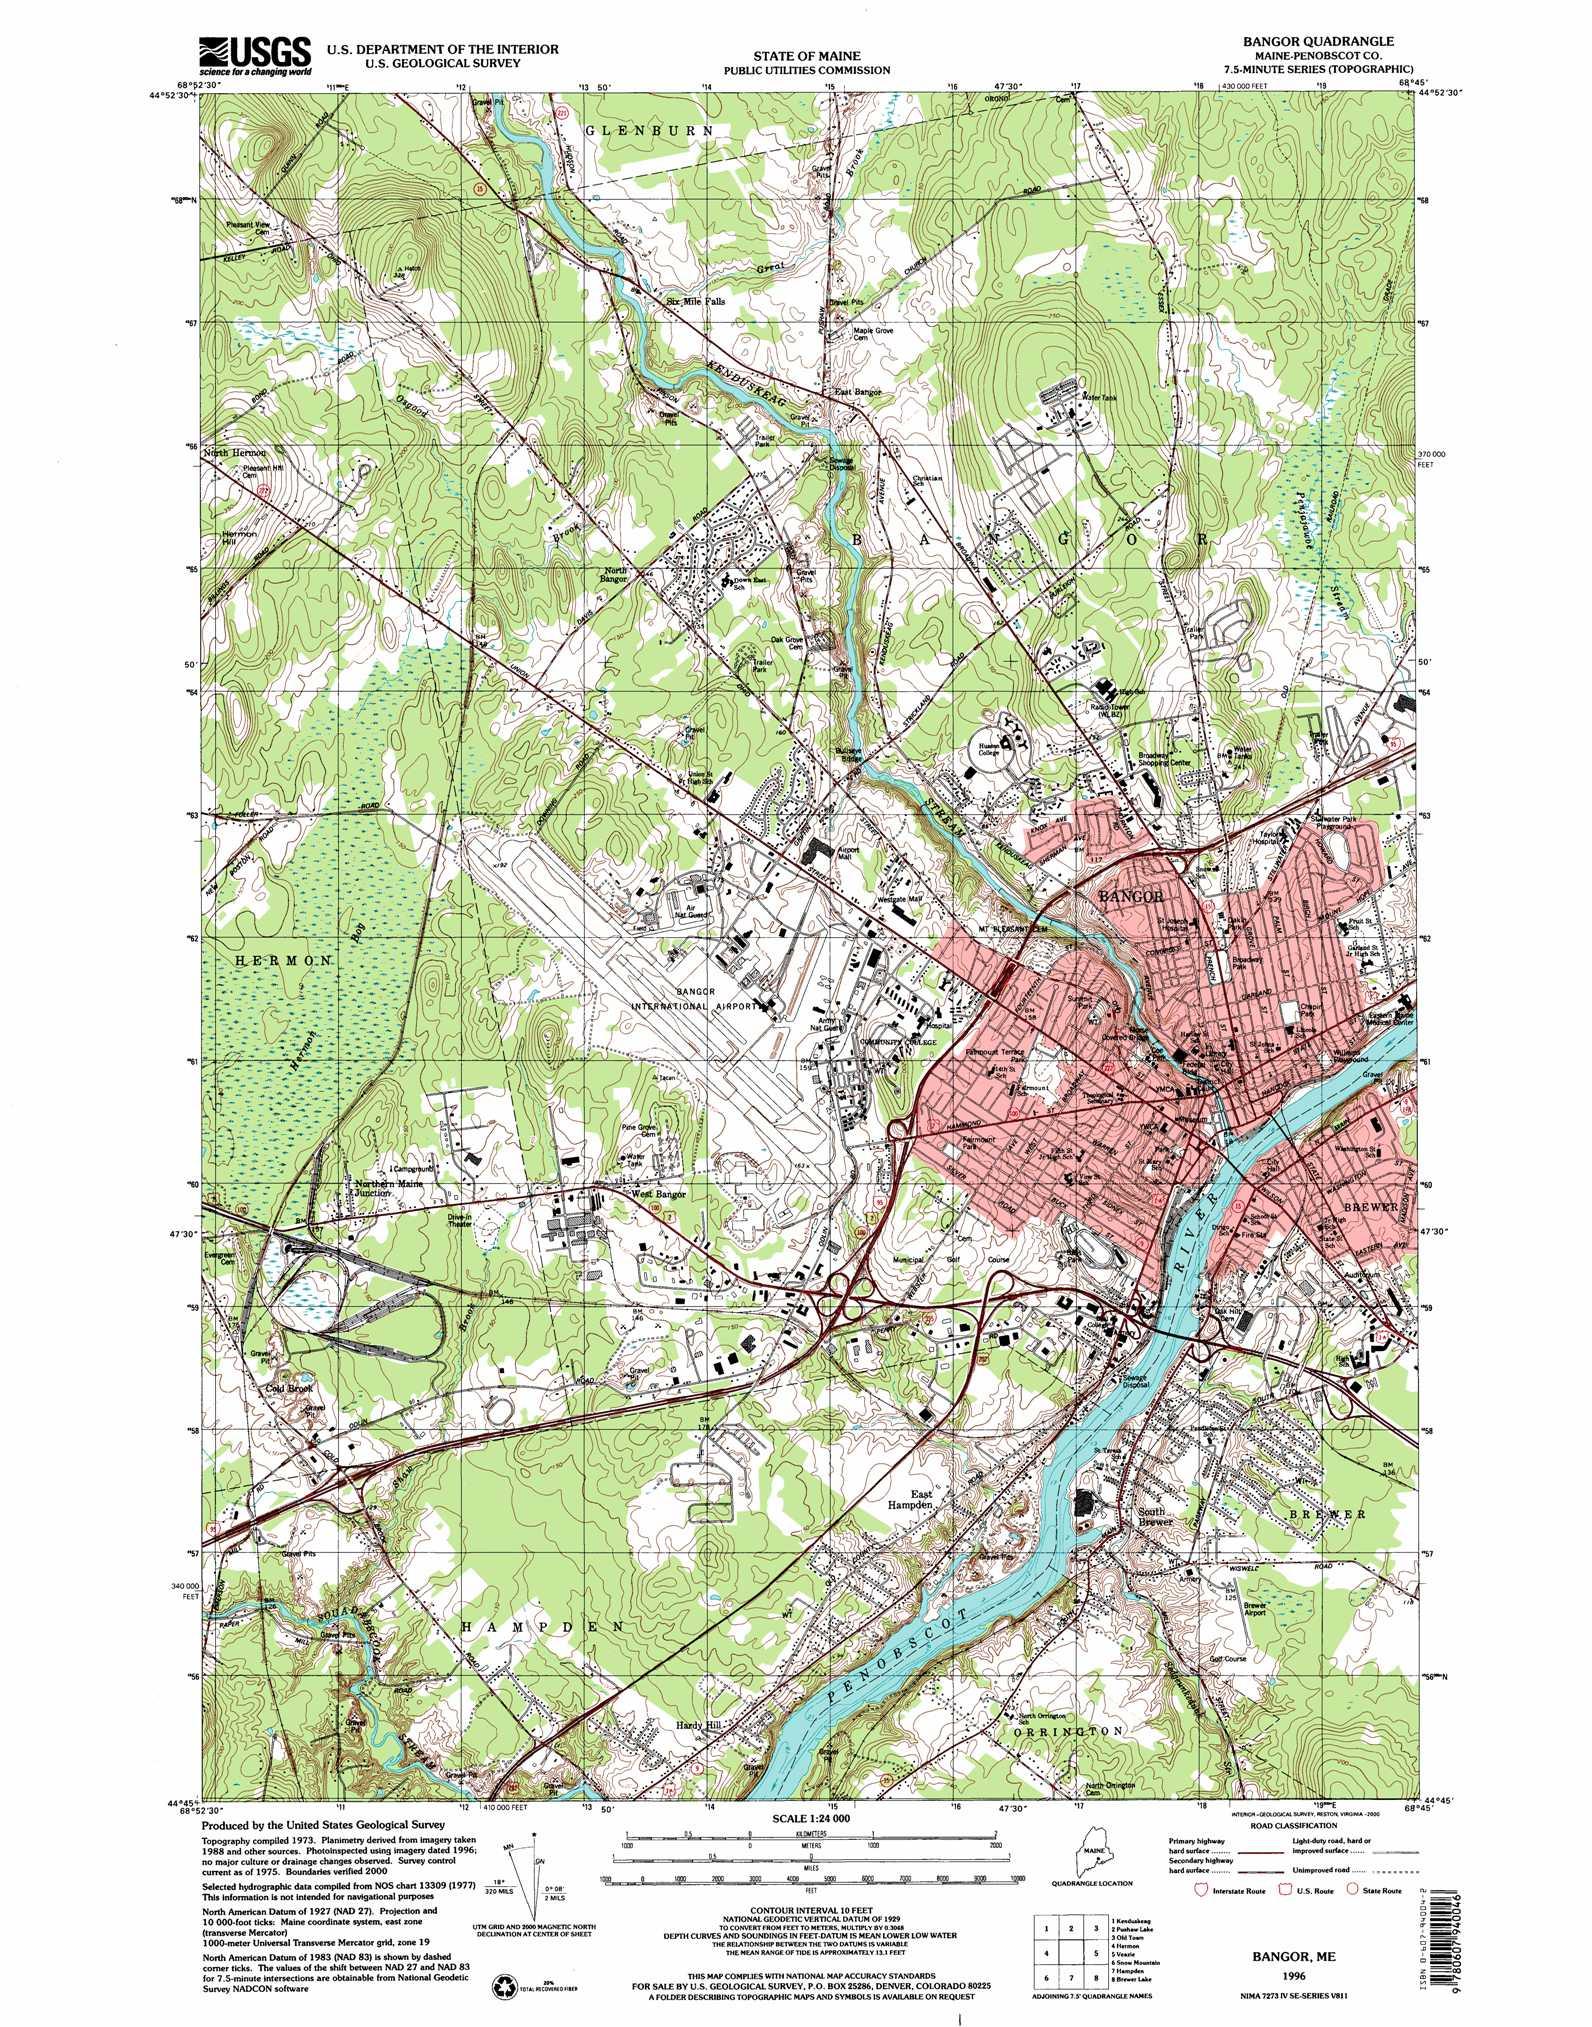 Bangor Topographic Map ME  USGS Topo Quad 44068g7